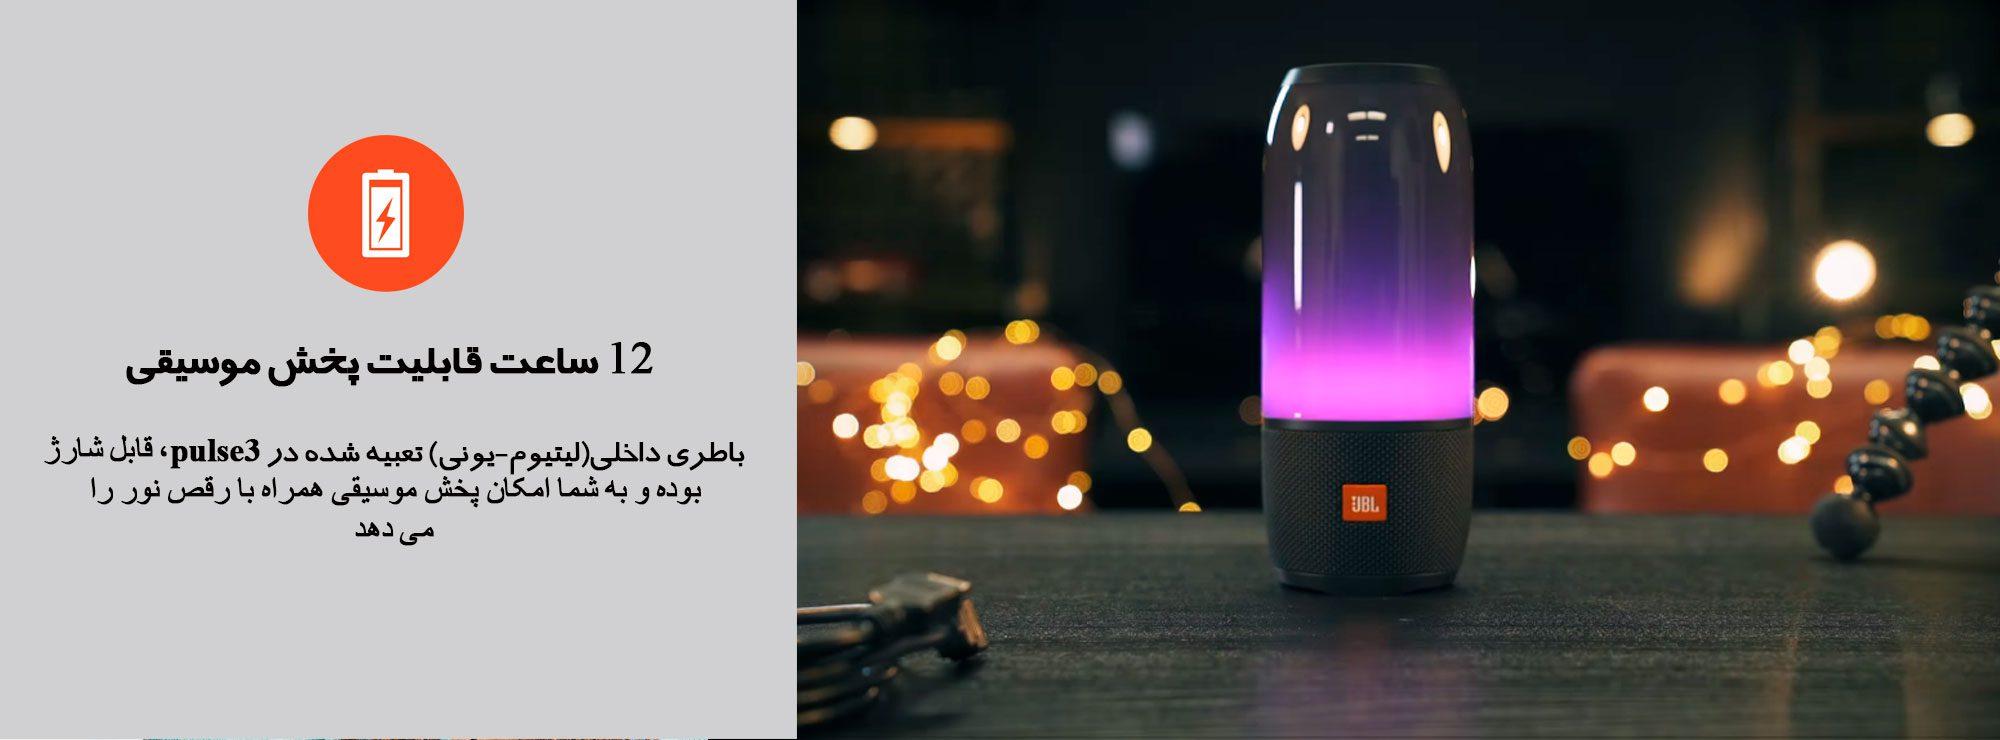 اسپیکر جی بی ال مدل Pulse 3 با 12 ساعت قابلیت پخش